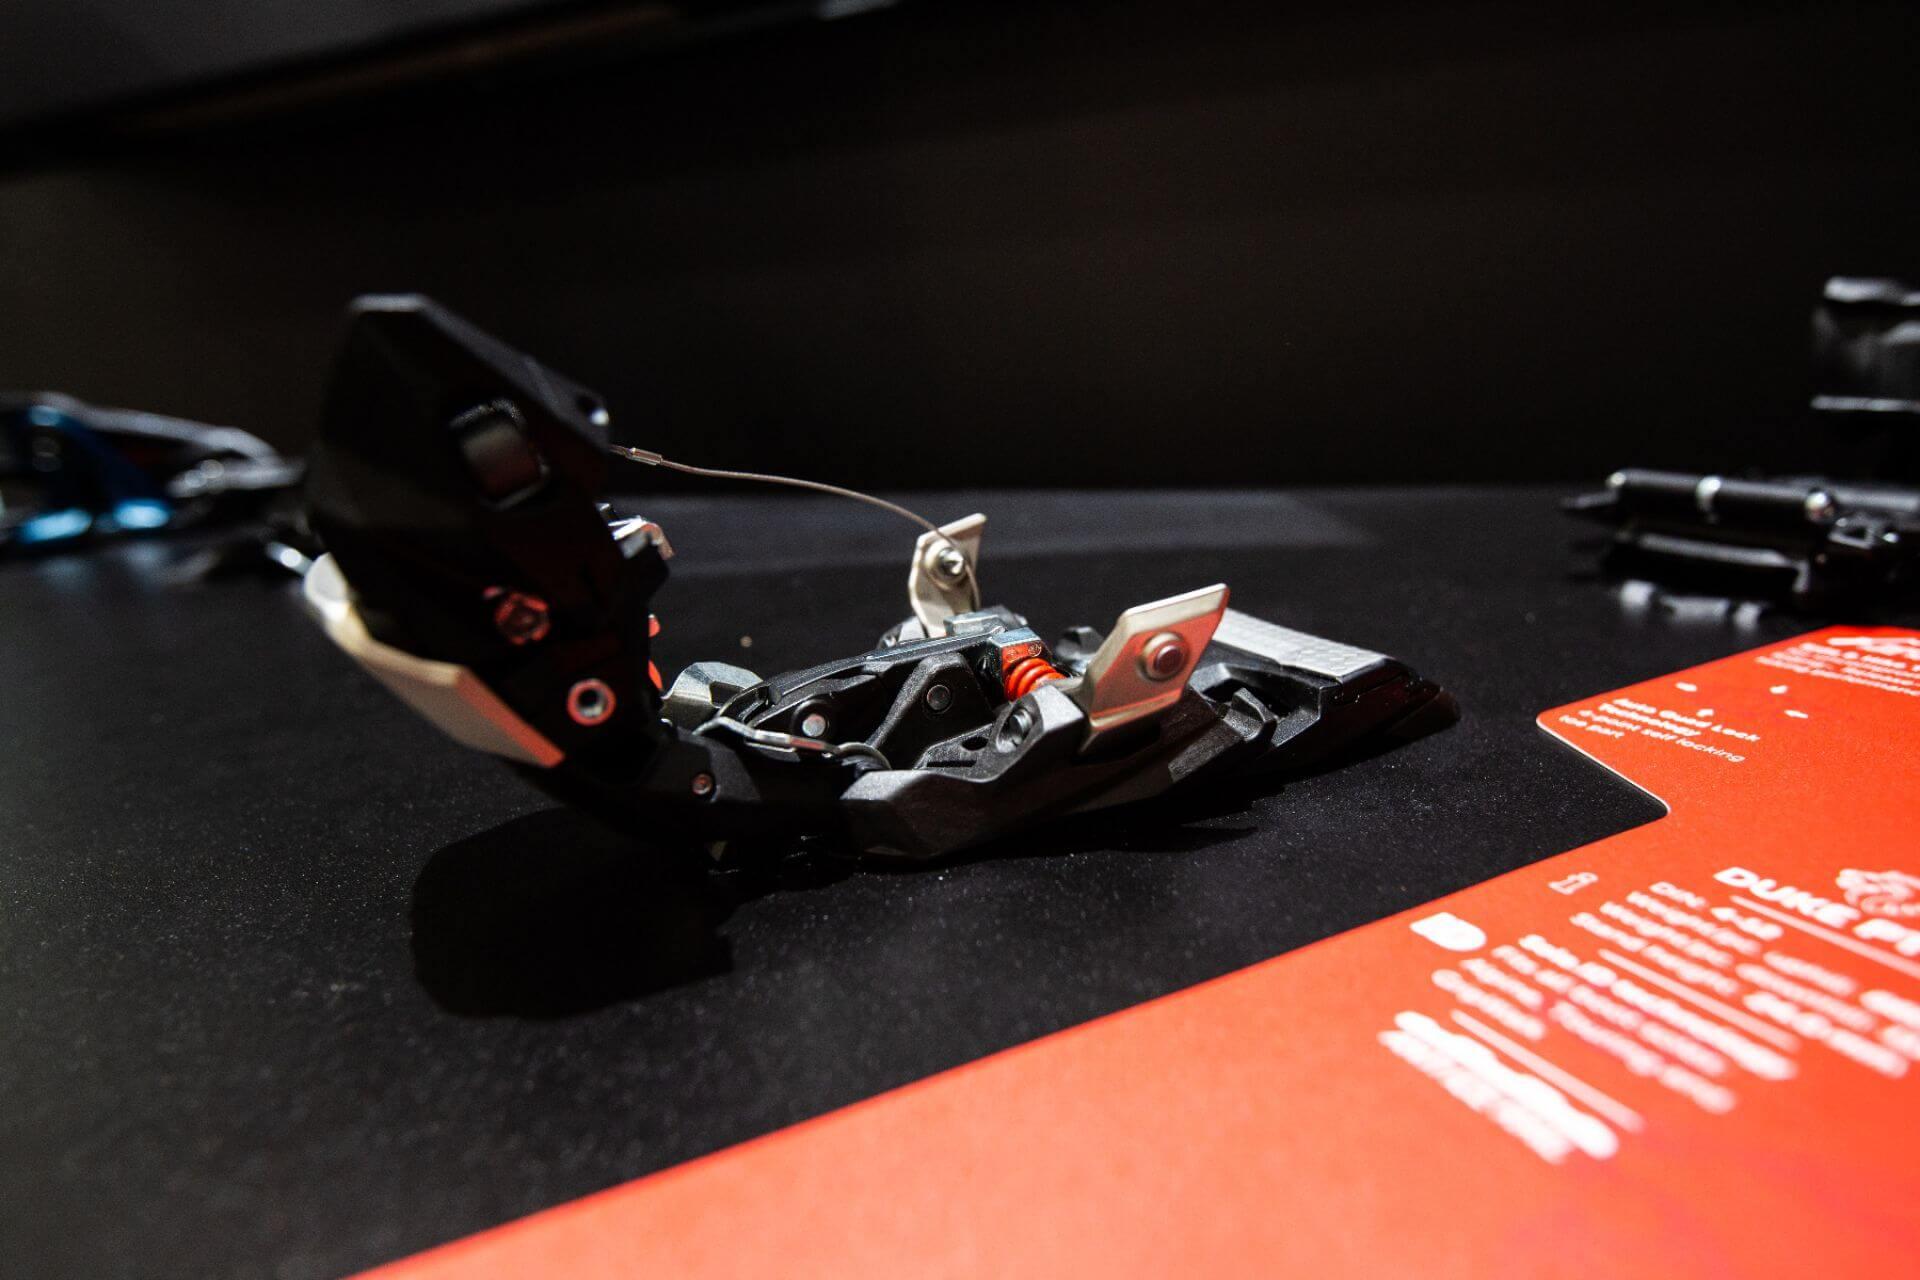 Sehr spannend: Die neue Duke PT von Marker ist gleichzeitig klassische Freeride-Alpinbindung und Pinbindung. Der Vorderbacken lässt sich aufklappen und abnehmen. | ©Skiinfo